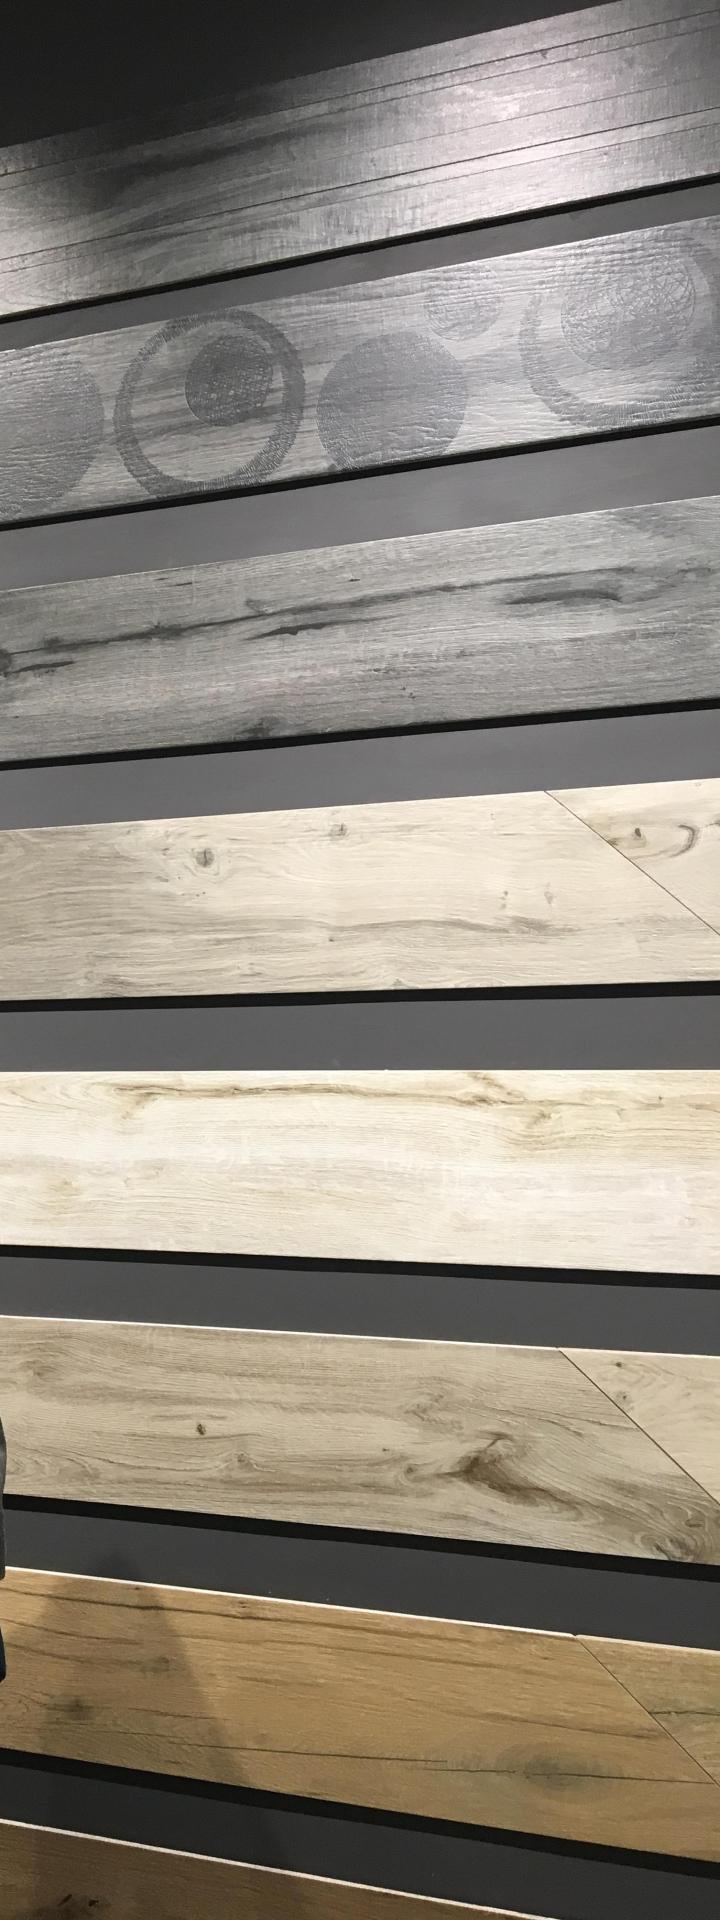 textured patterned wood look tile rondine cersaie 2019